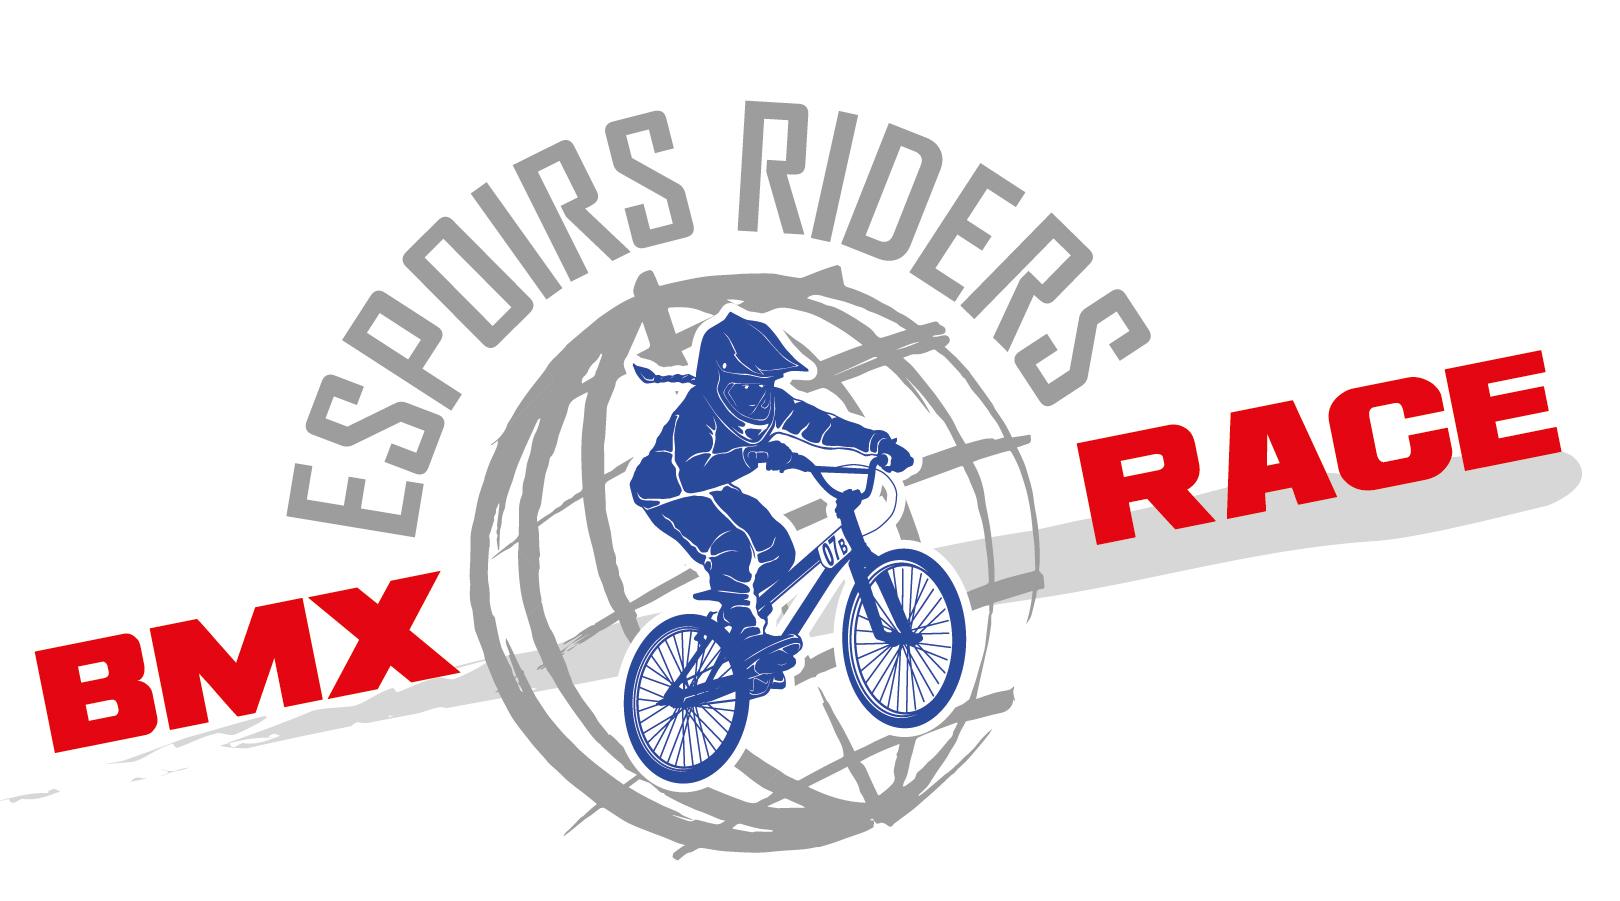 Partenariat sportif - IPERIA l'Institut & Espoirs Riders BMX RACE